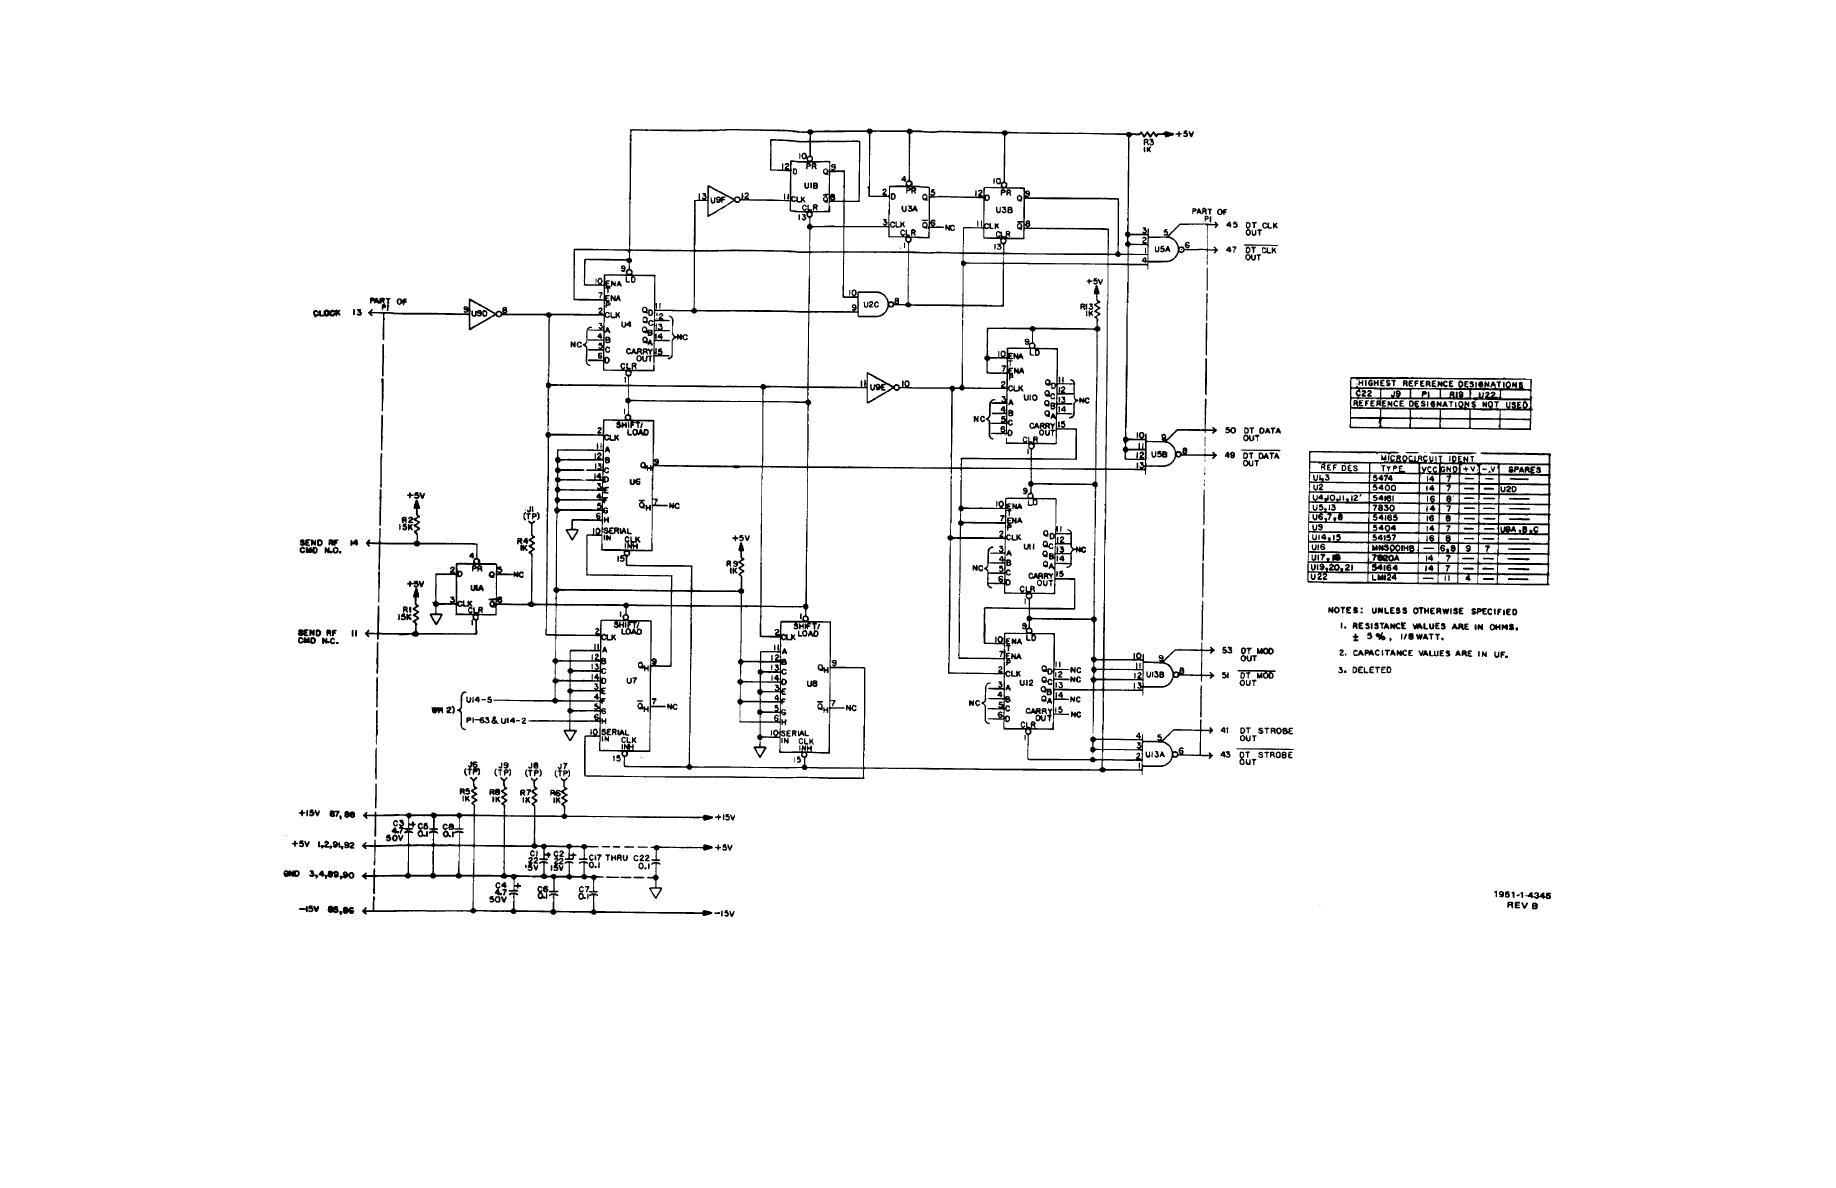 Figure Fo 11 Rf Processor Simulator Cca A5 Schematic